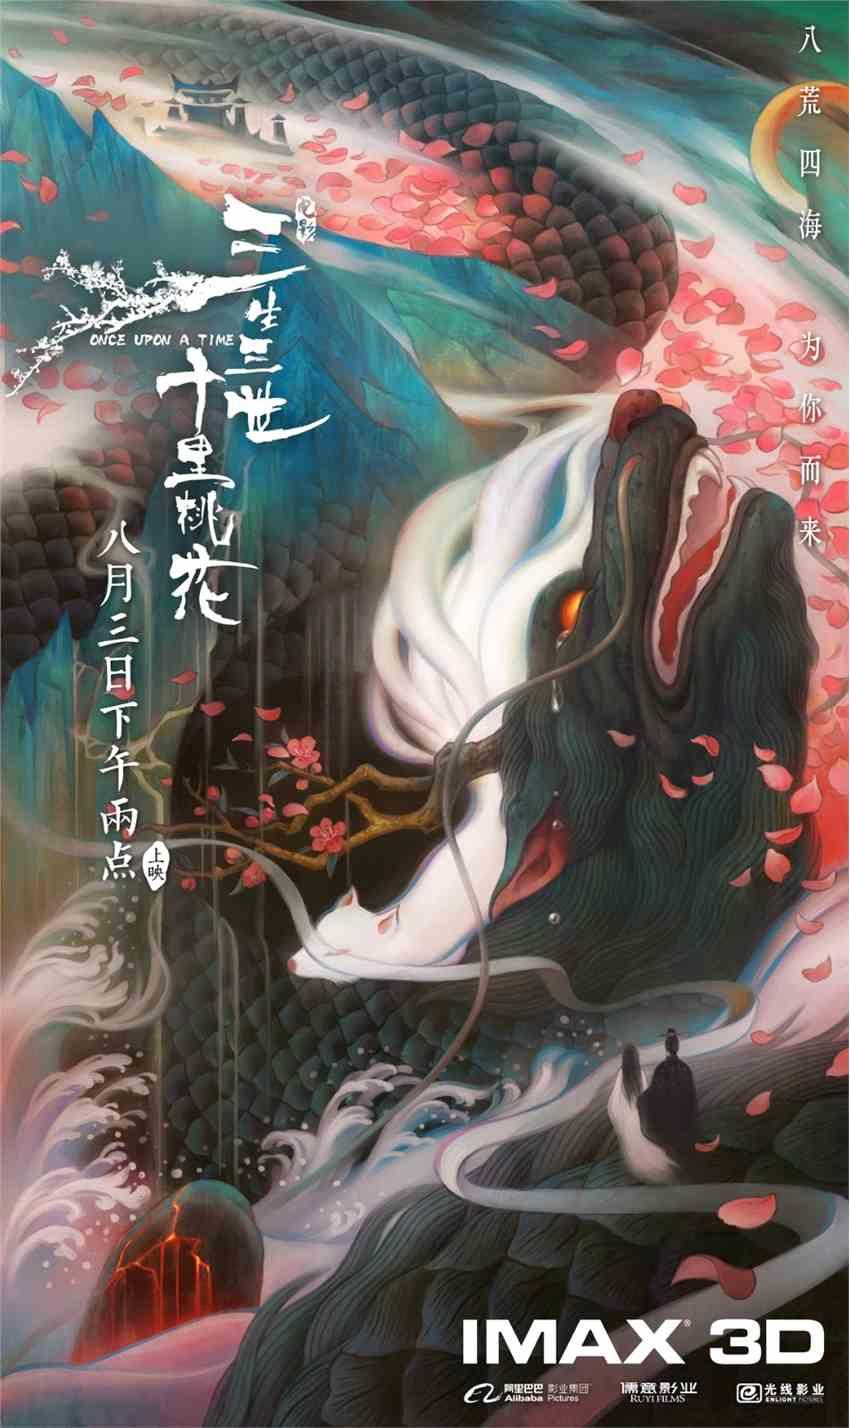 《三生三世十里桃花》曝光张春手绘imax独家海.